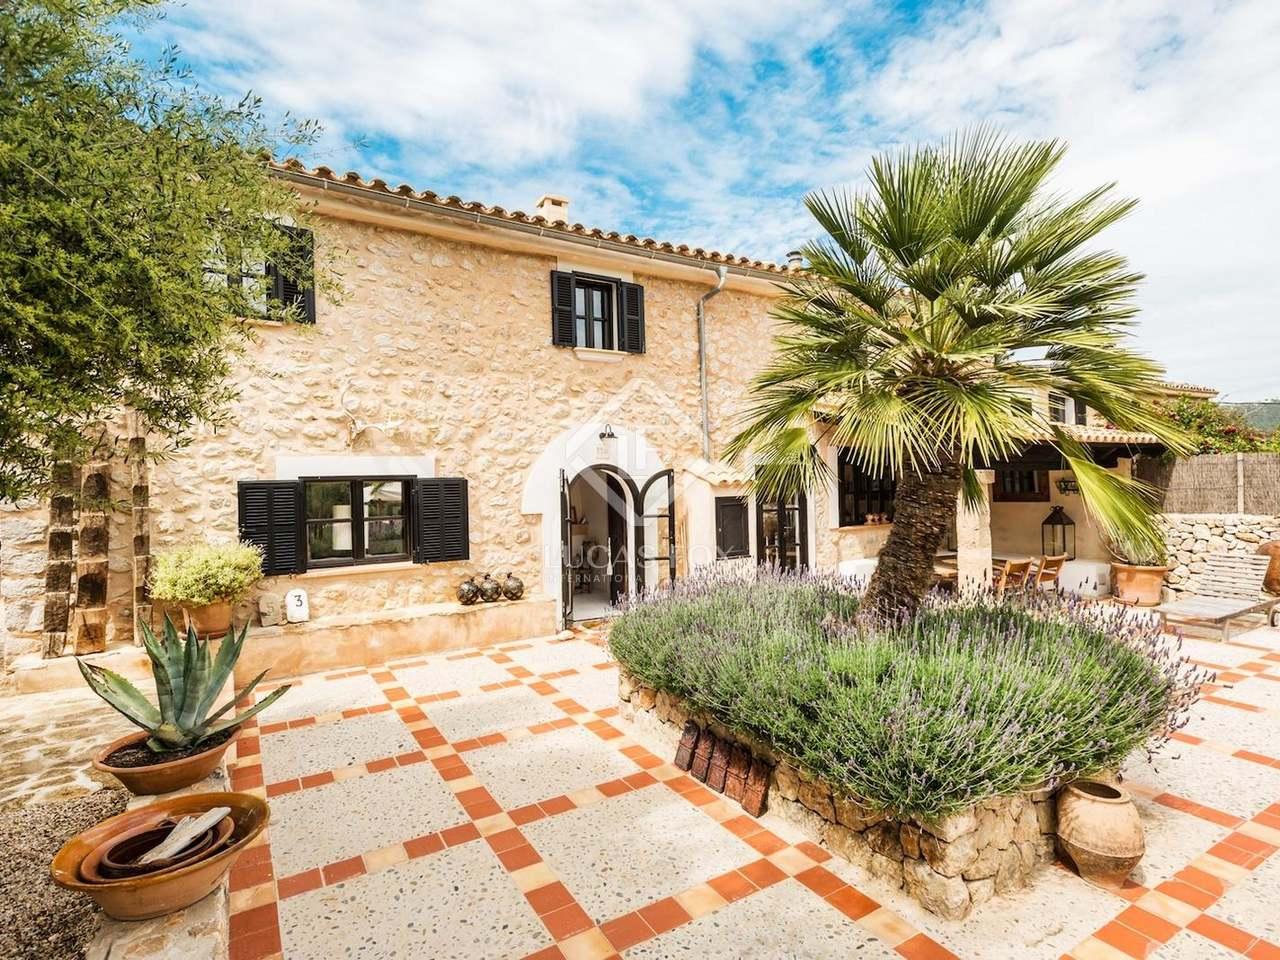 Casa rural renovada en venta en andratx al oeste de mallorca - Casas para alquilar en mallorca ...